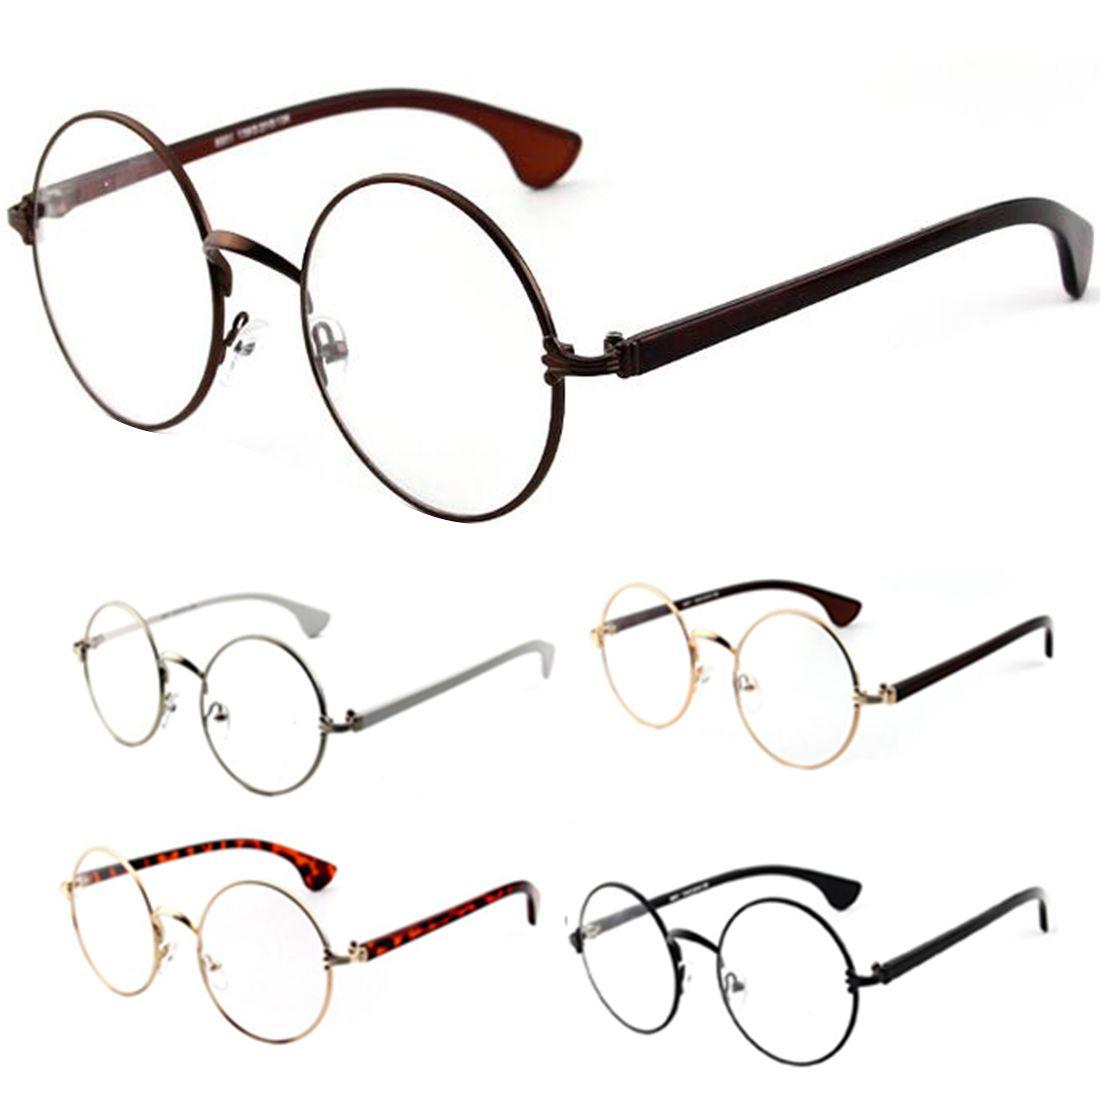 Compre Atacado Moda Redonda Lente Clara Óculos Óculos Óculos Armação De  Metal Para Mulheres Homens Molduras Ópticas De Naixing,  25.42    Pt.Dhgate.Com ec86748c8d